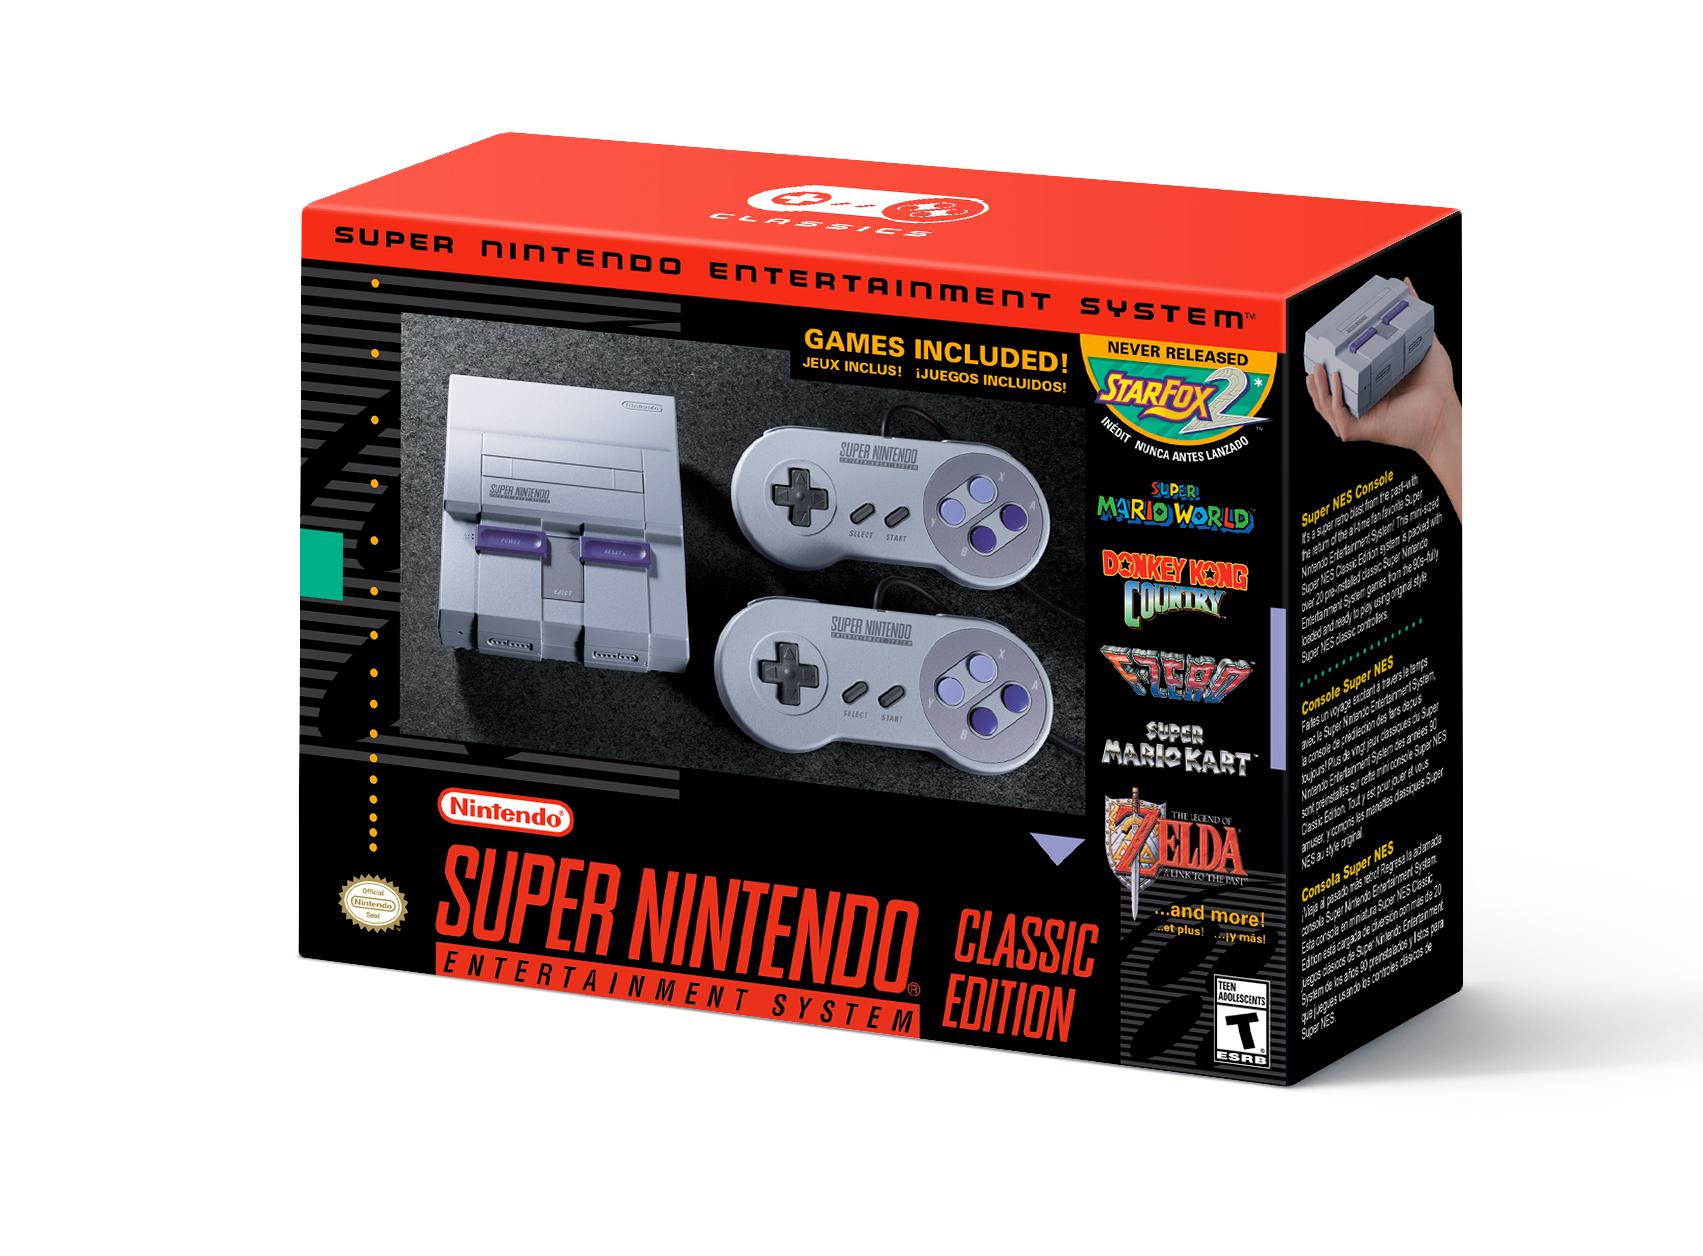 Super NES Clasic Edition